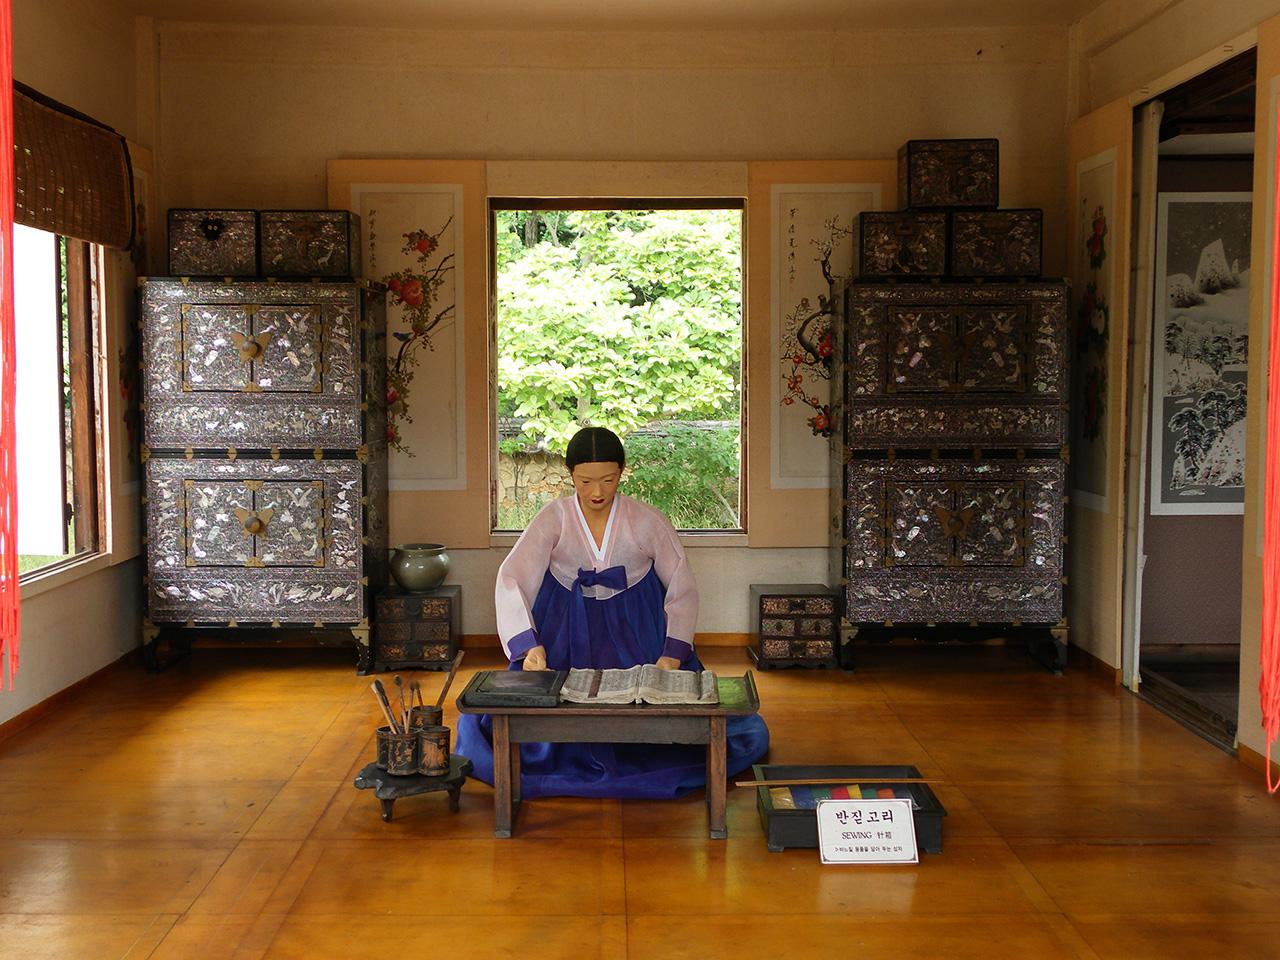 공부하는 조선시대 여성. 경기도 용인시의 한국민속촌에서 찍은 사진.